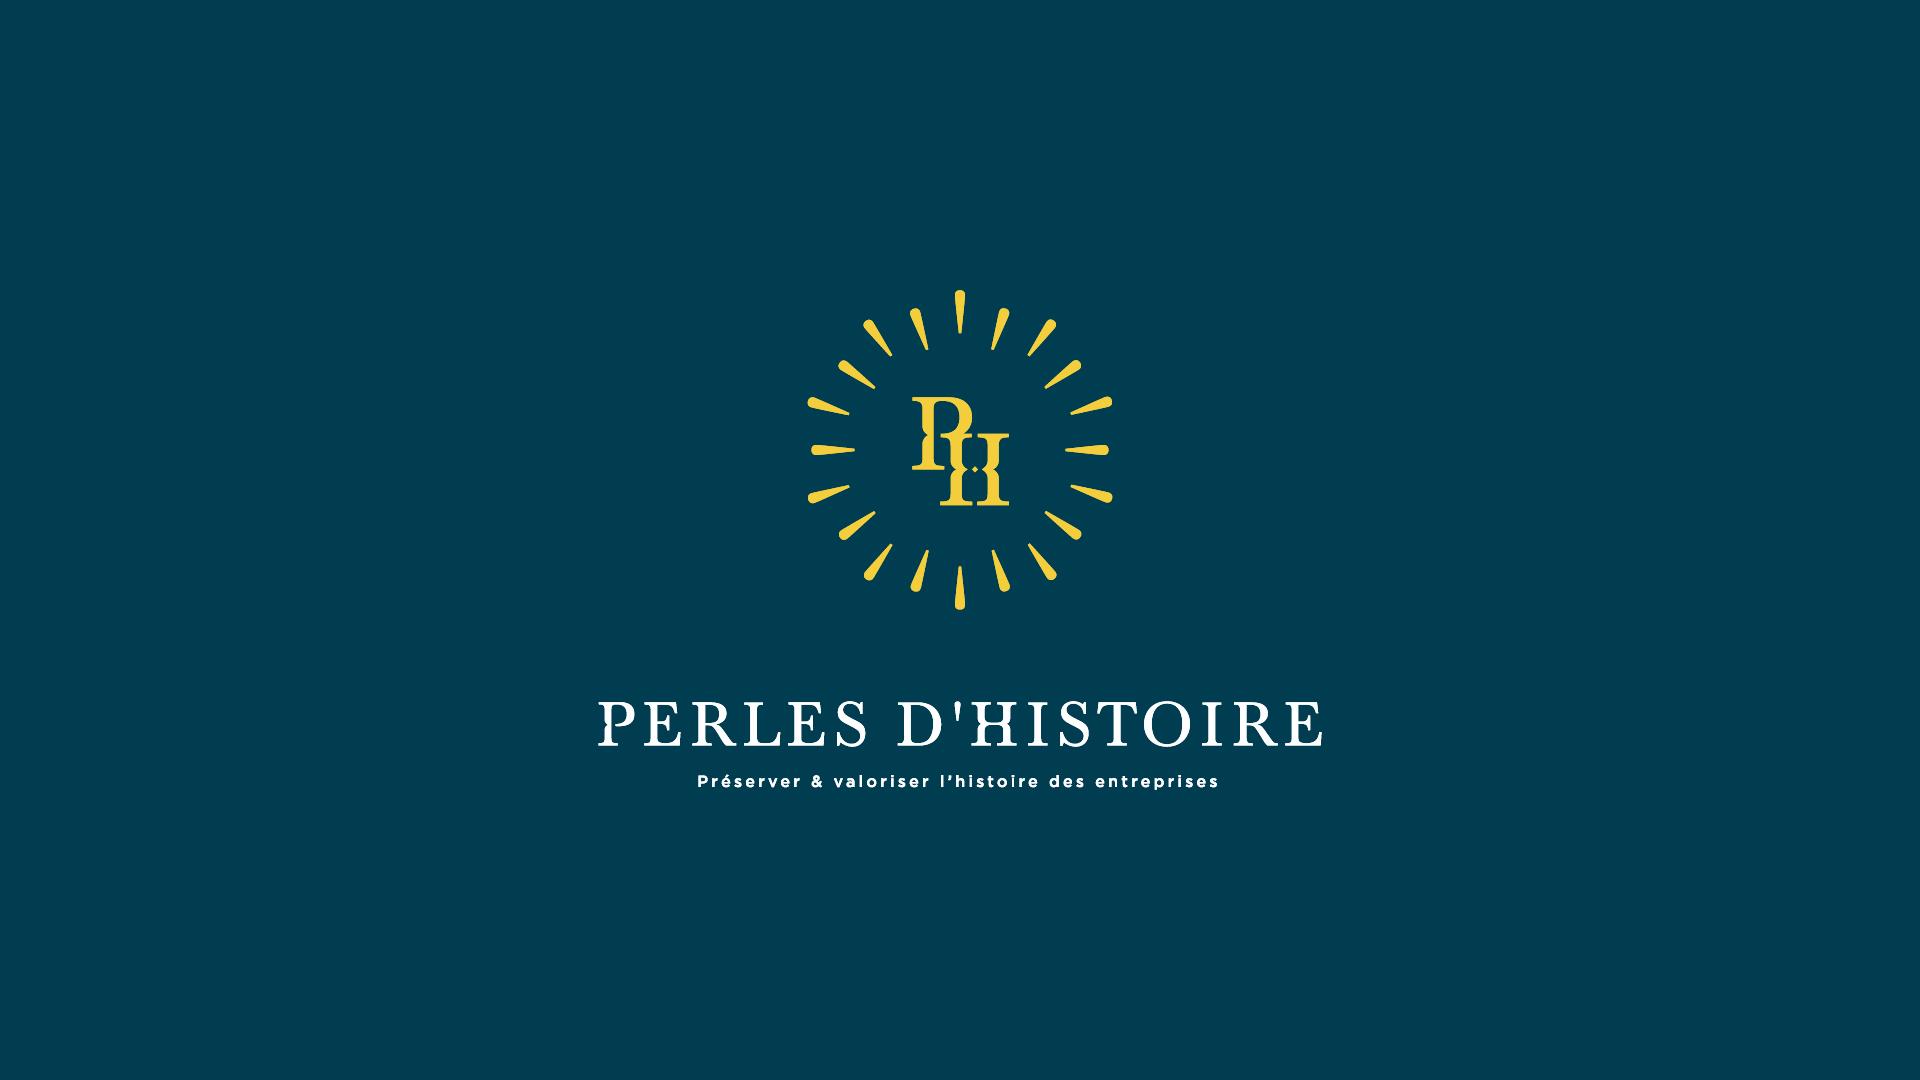 branding-Perles-d-histoire-agence-s-histoire des marques